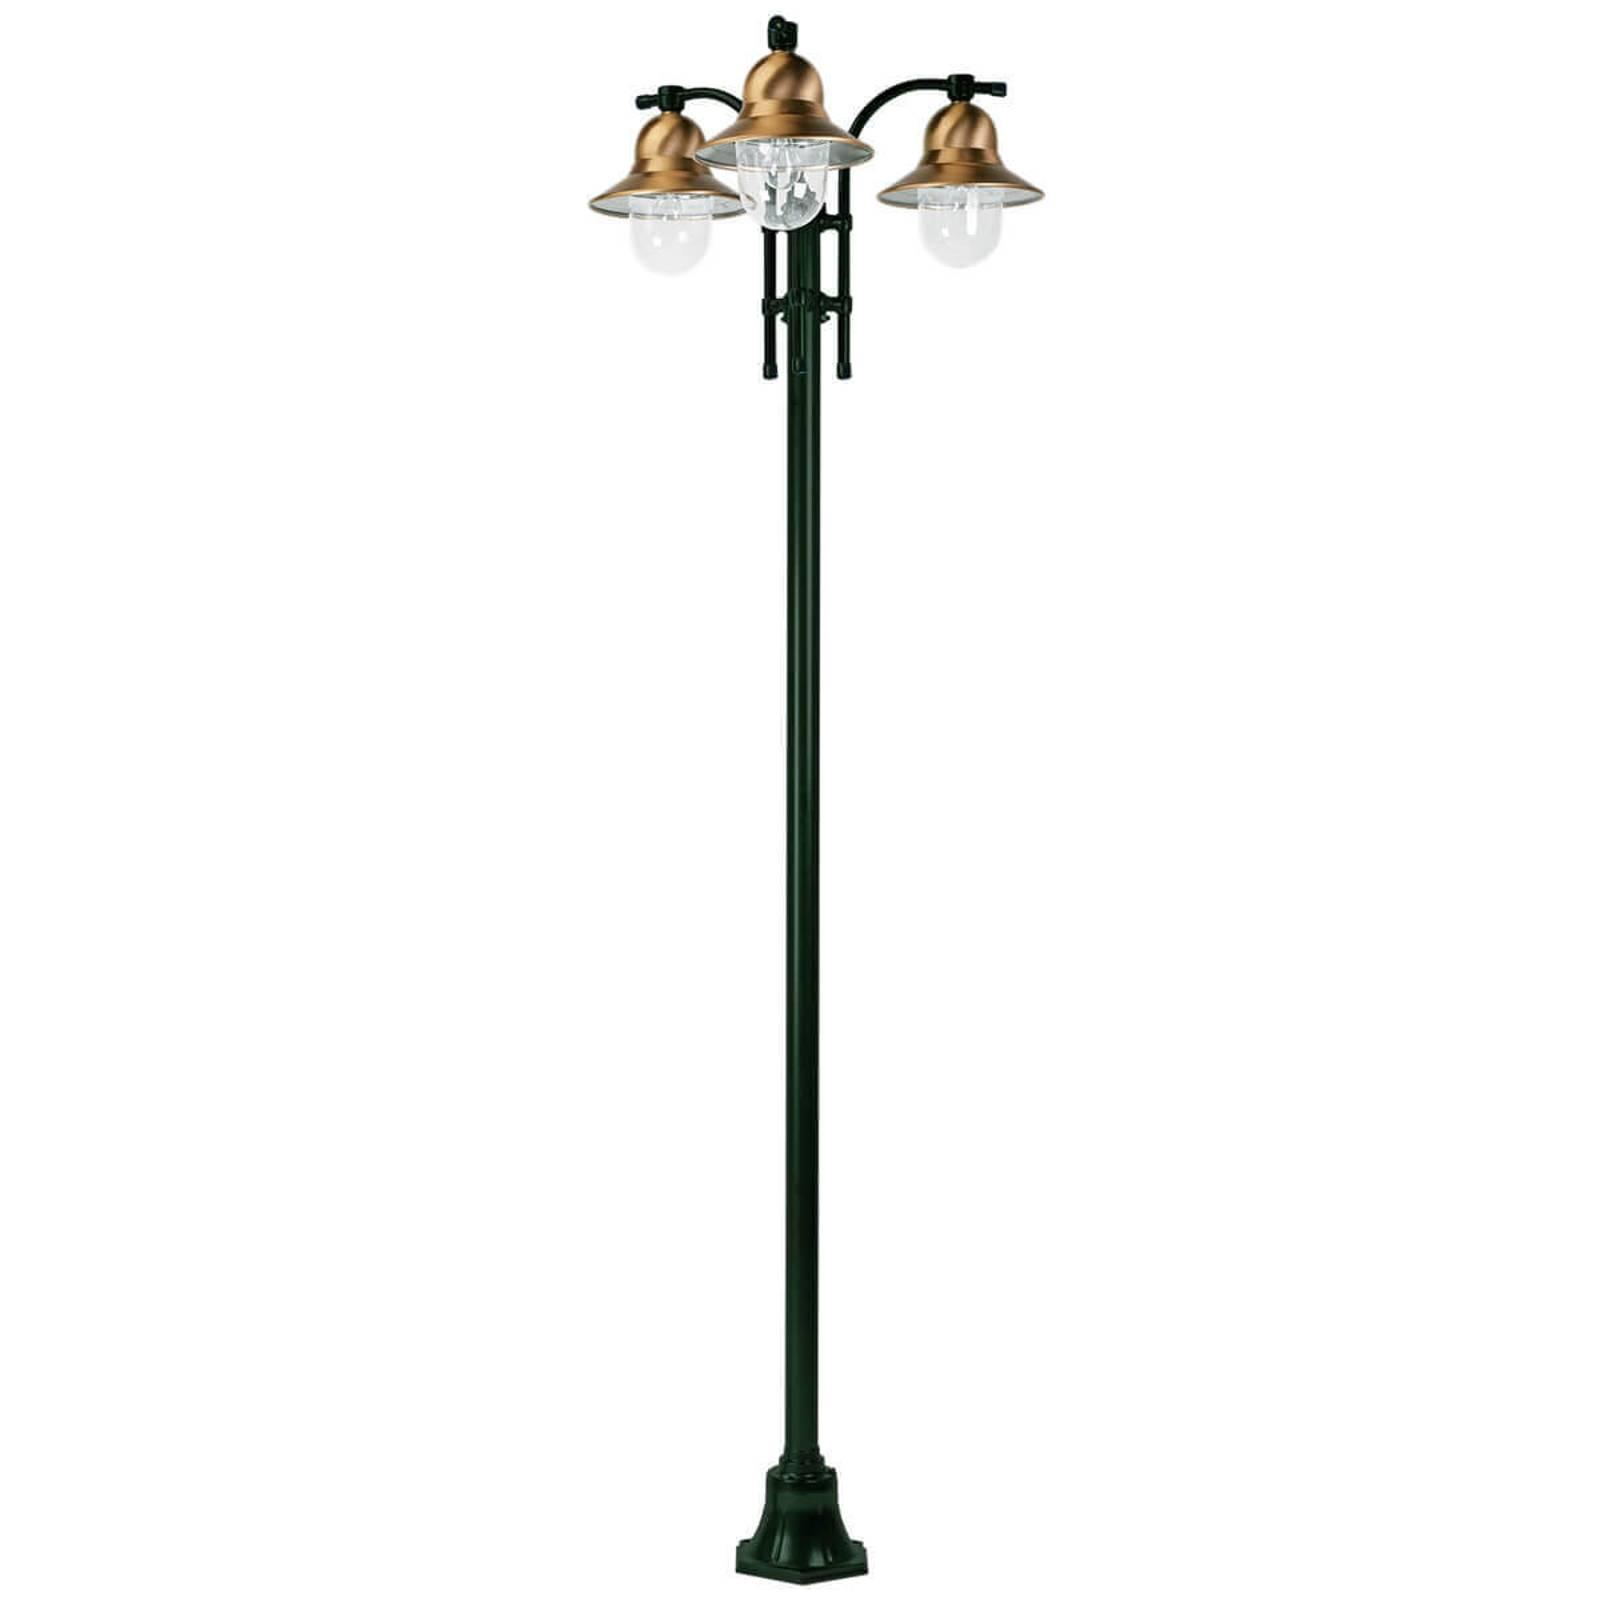 Lampadaire Toscane vert à 3 lampes